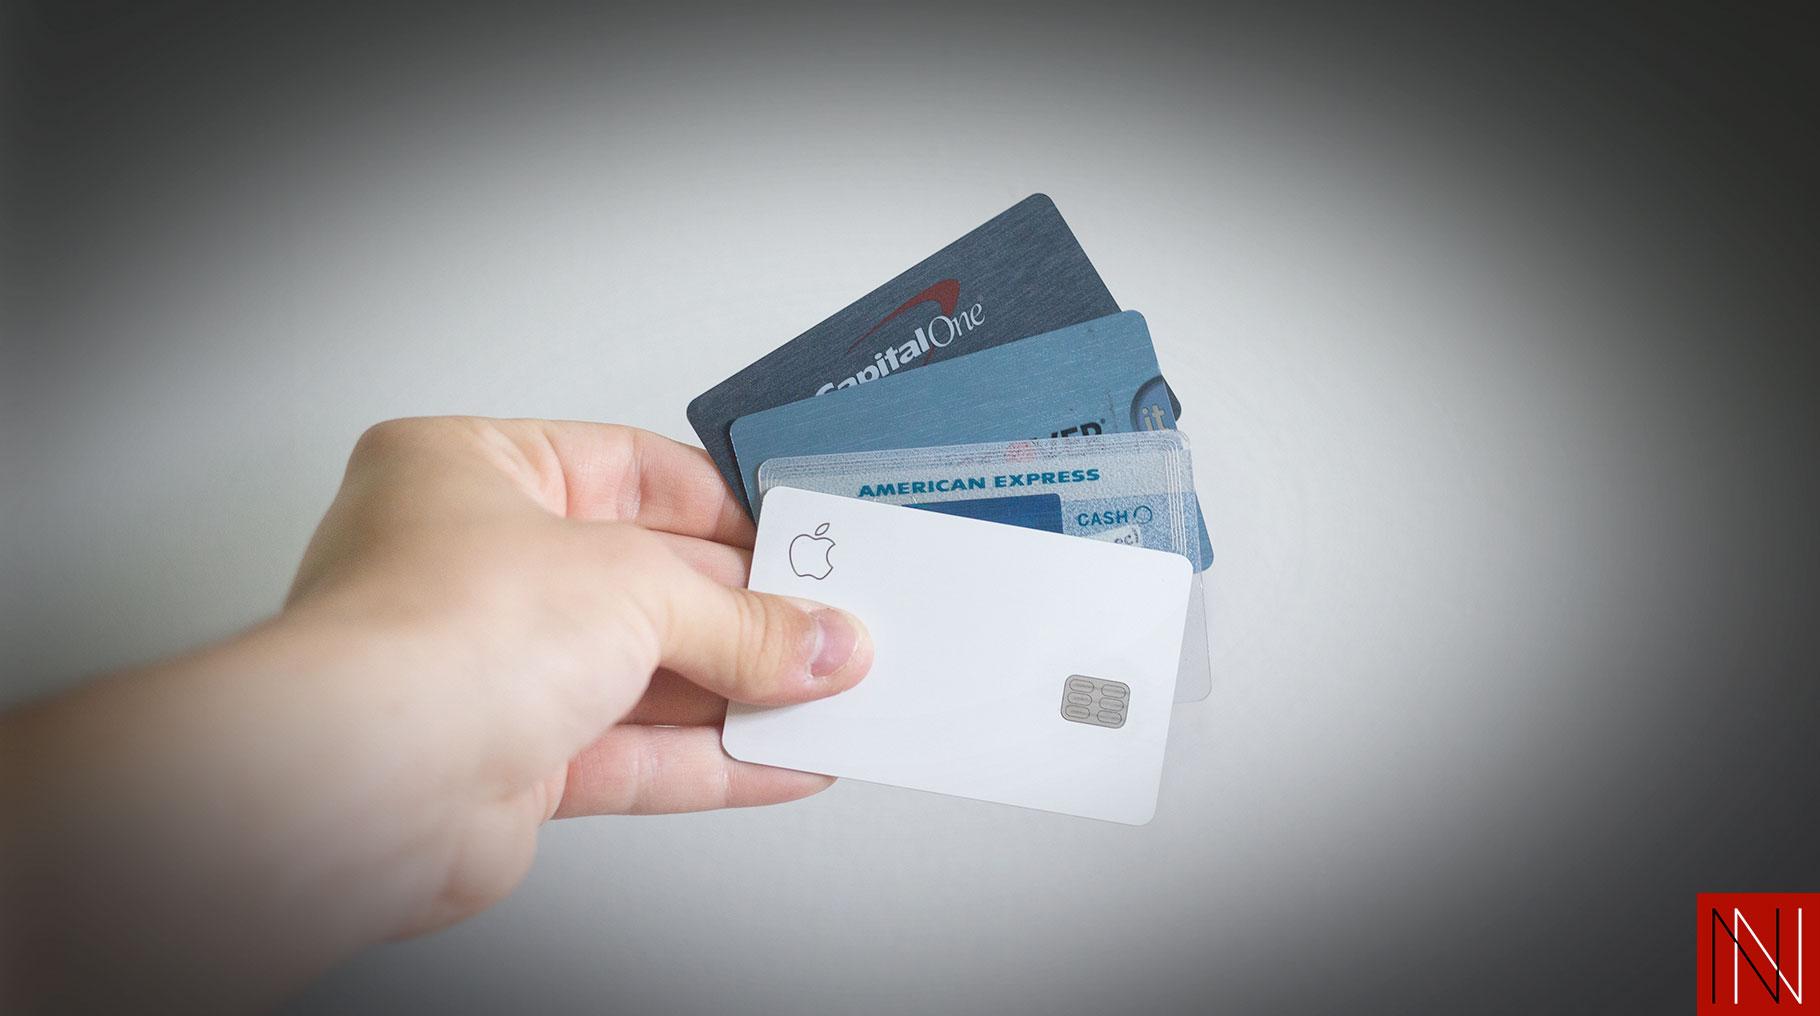 Contrats et Services (5) : modalités et remboursements